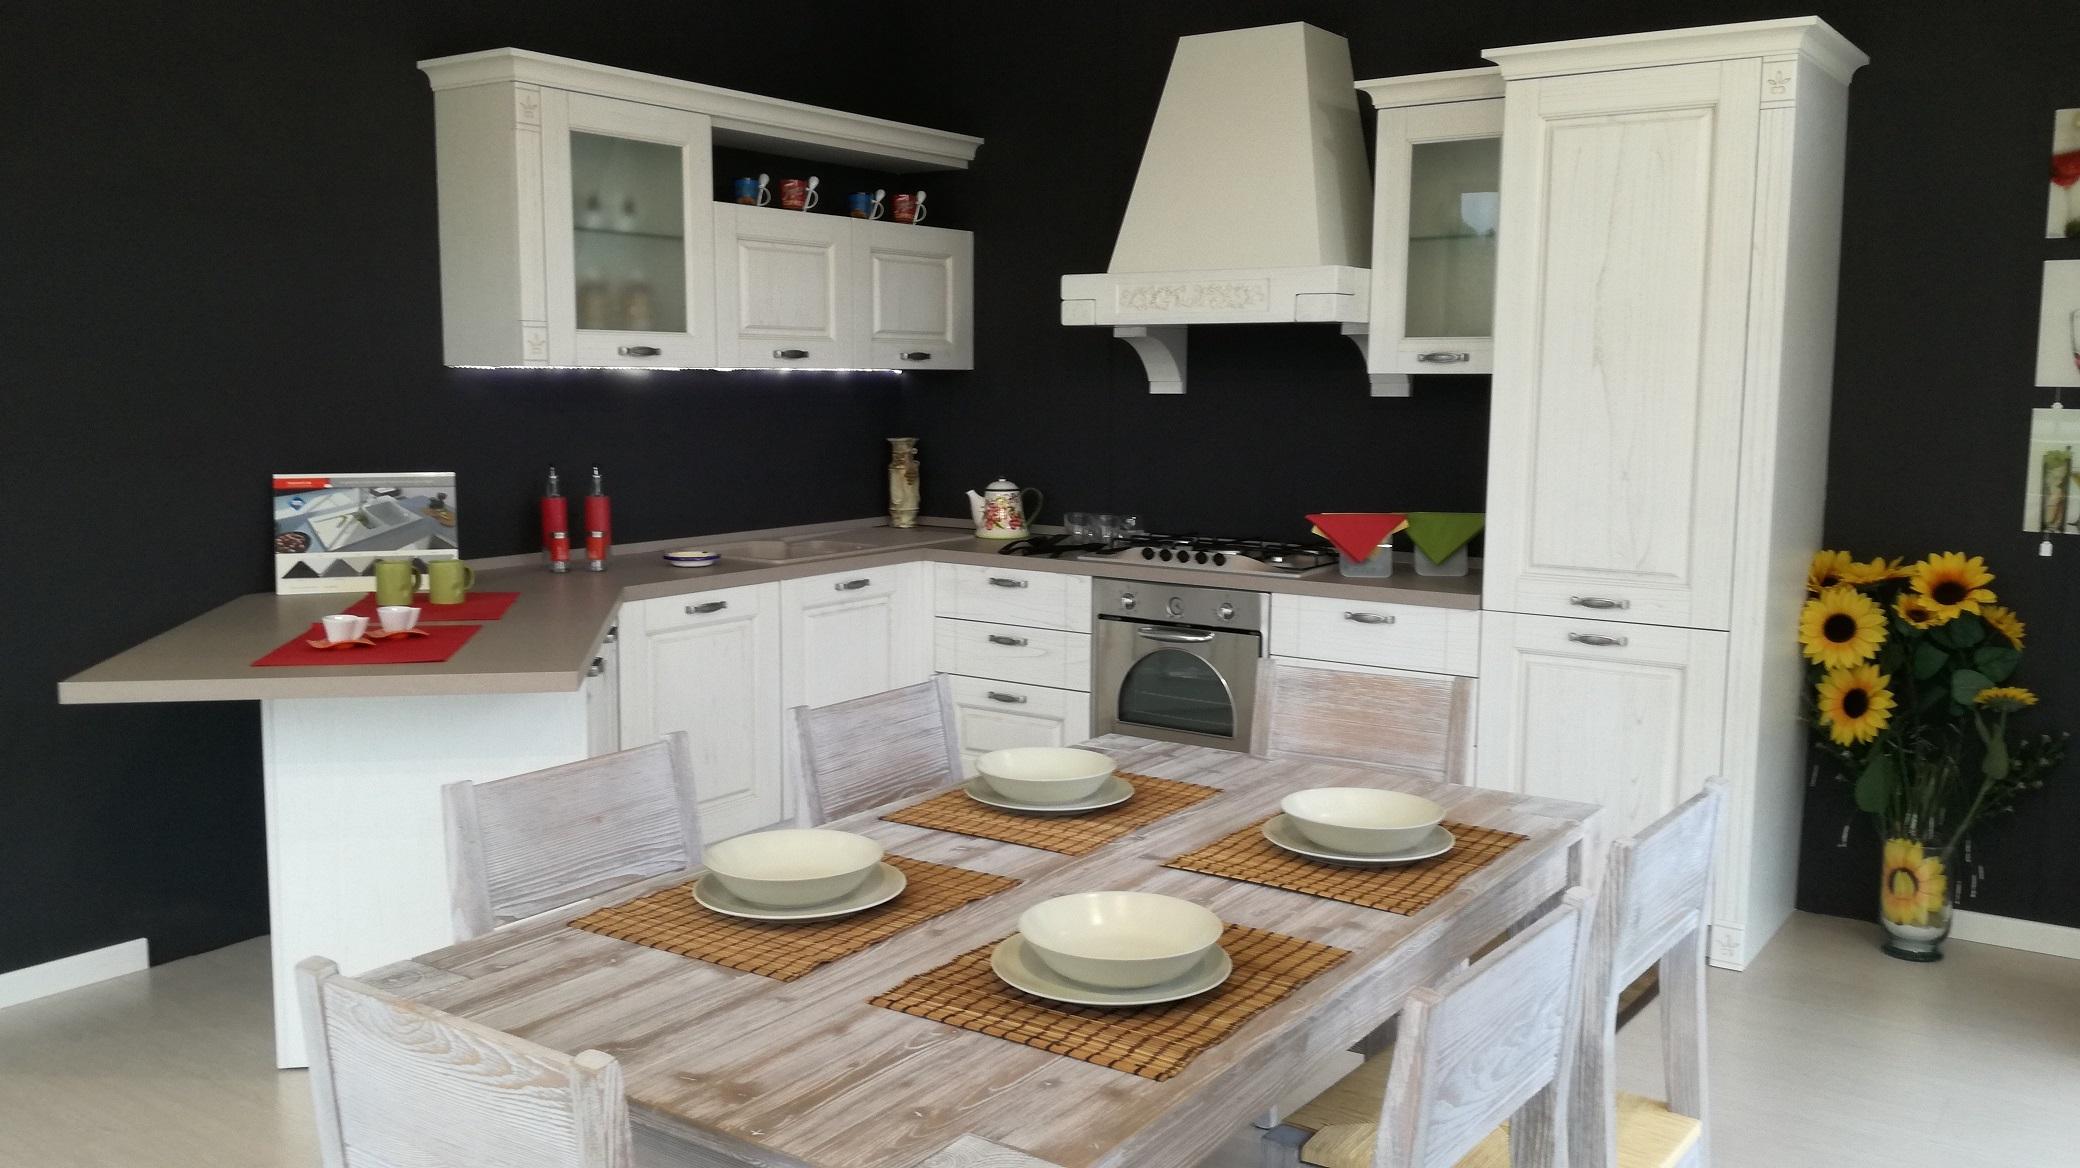 Cucina angolare con penisola gentili cucine mod olivia scontata del 50 cucine a prezzi - Cucina angolare con penisola ...